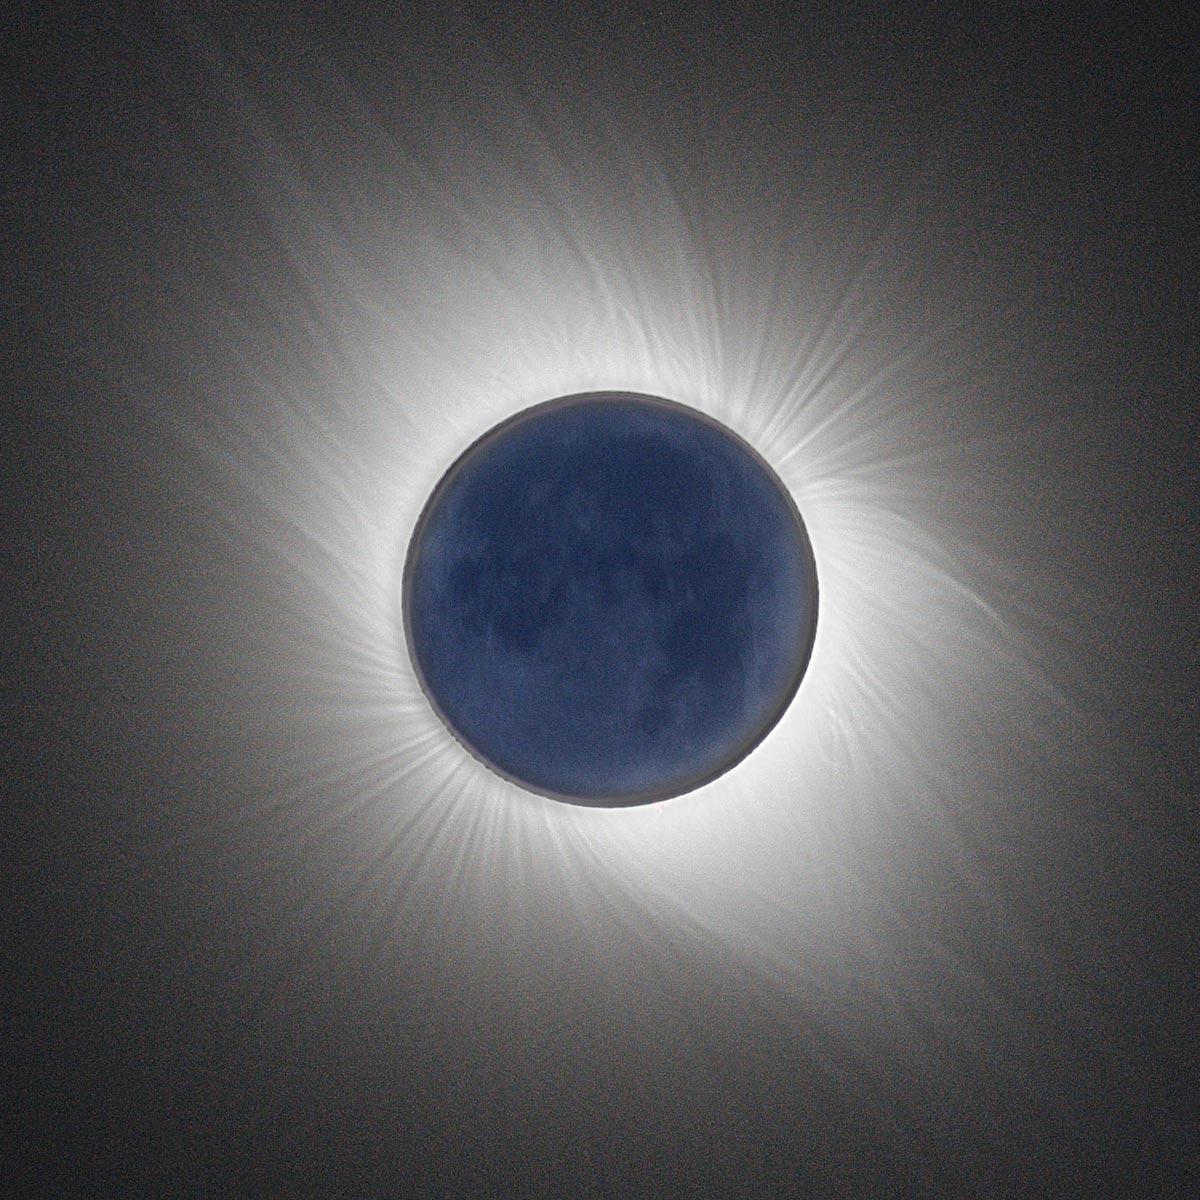 日食 | 国立天文台(NAOJ)